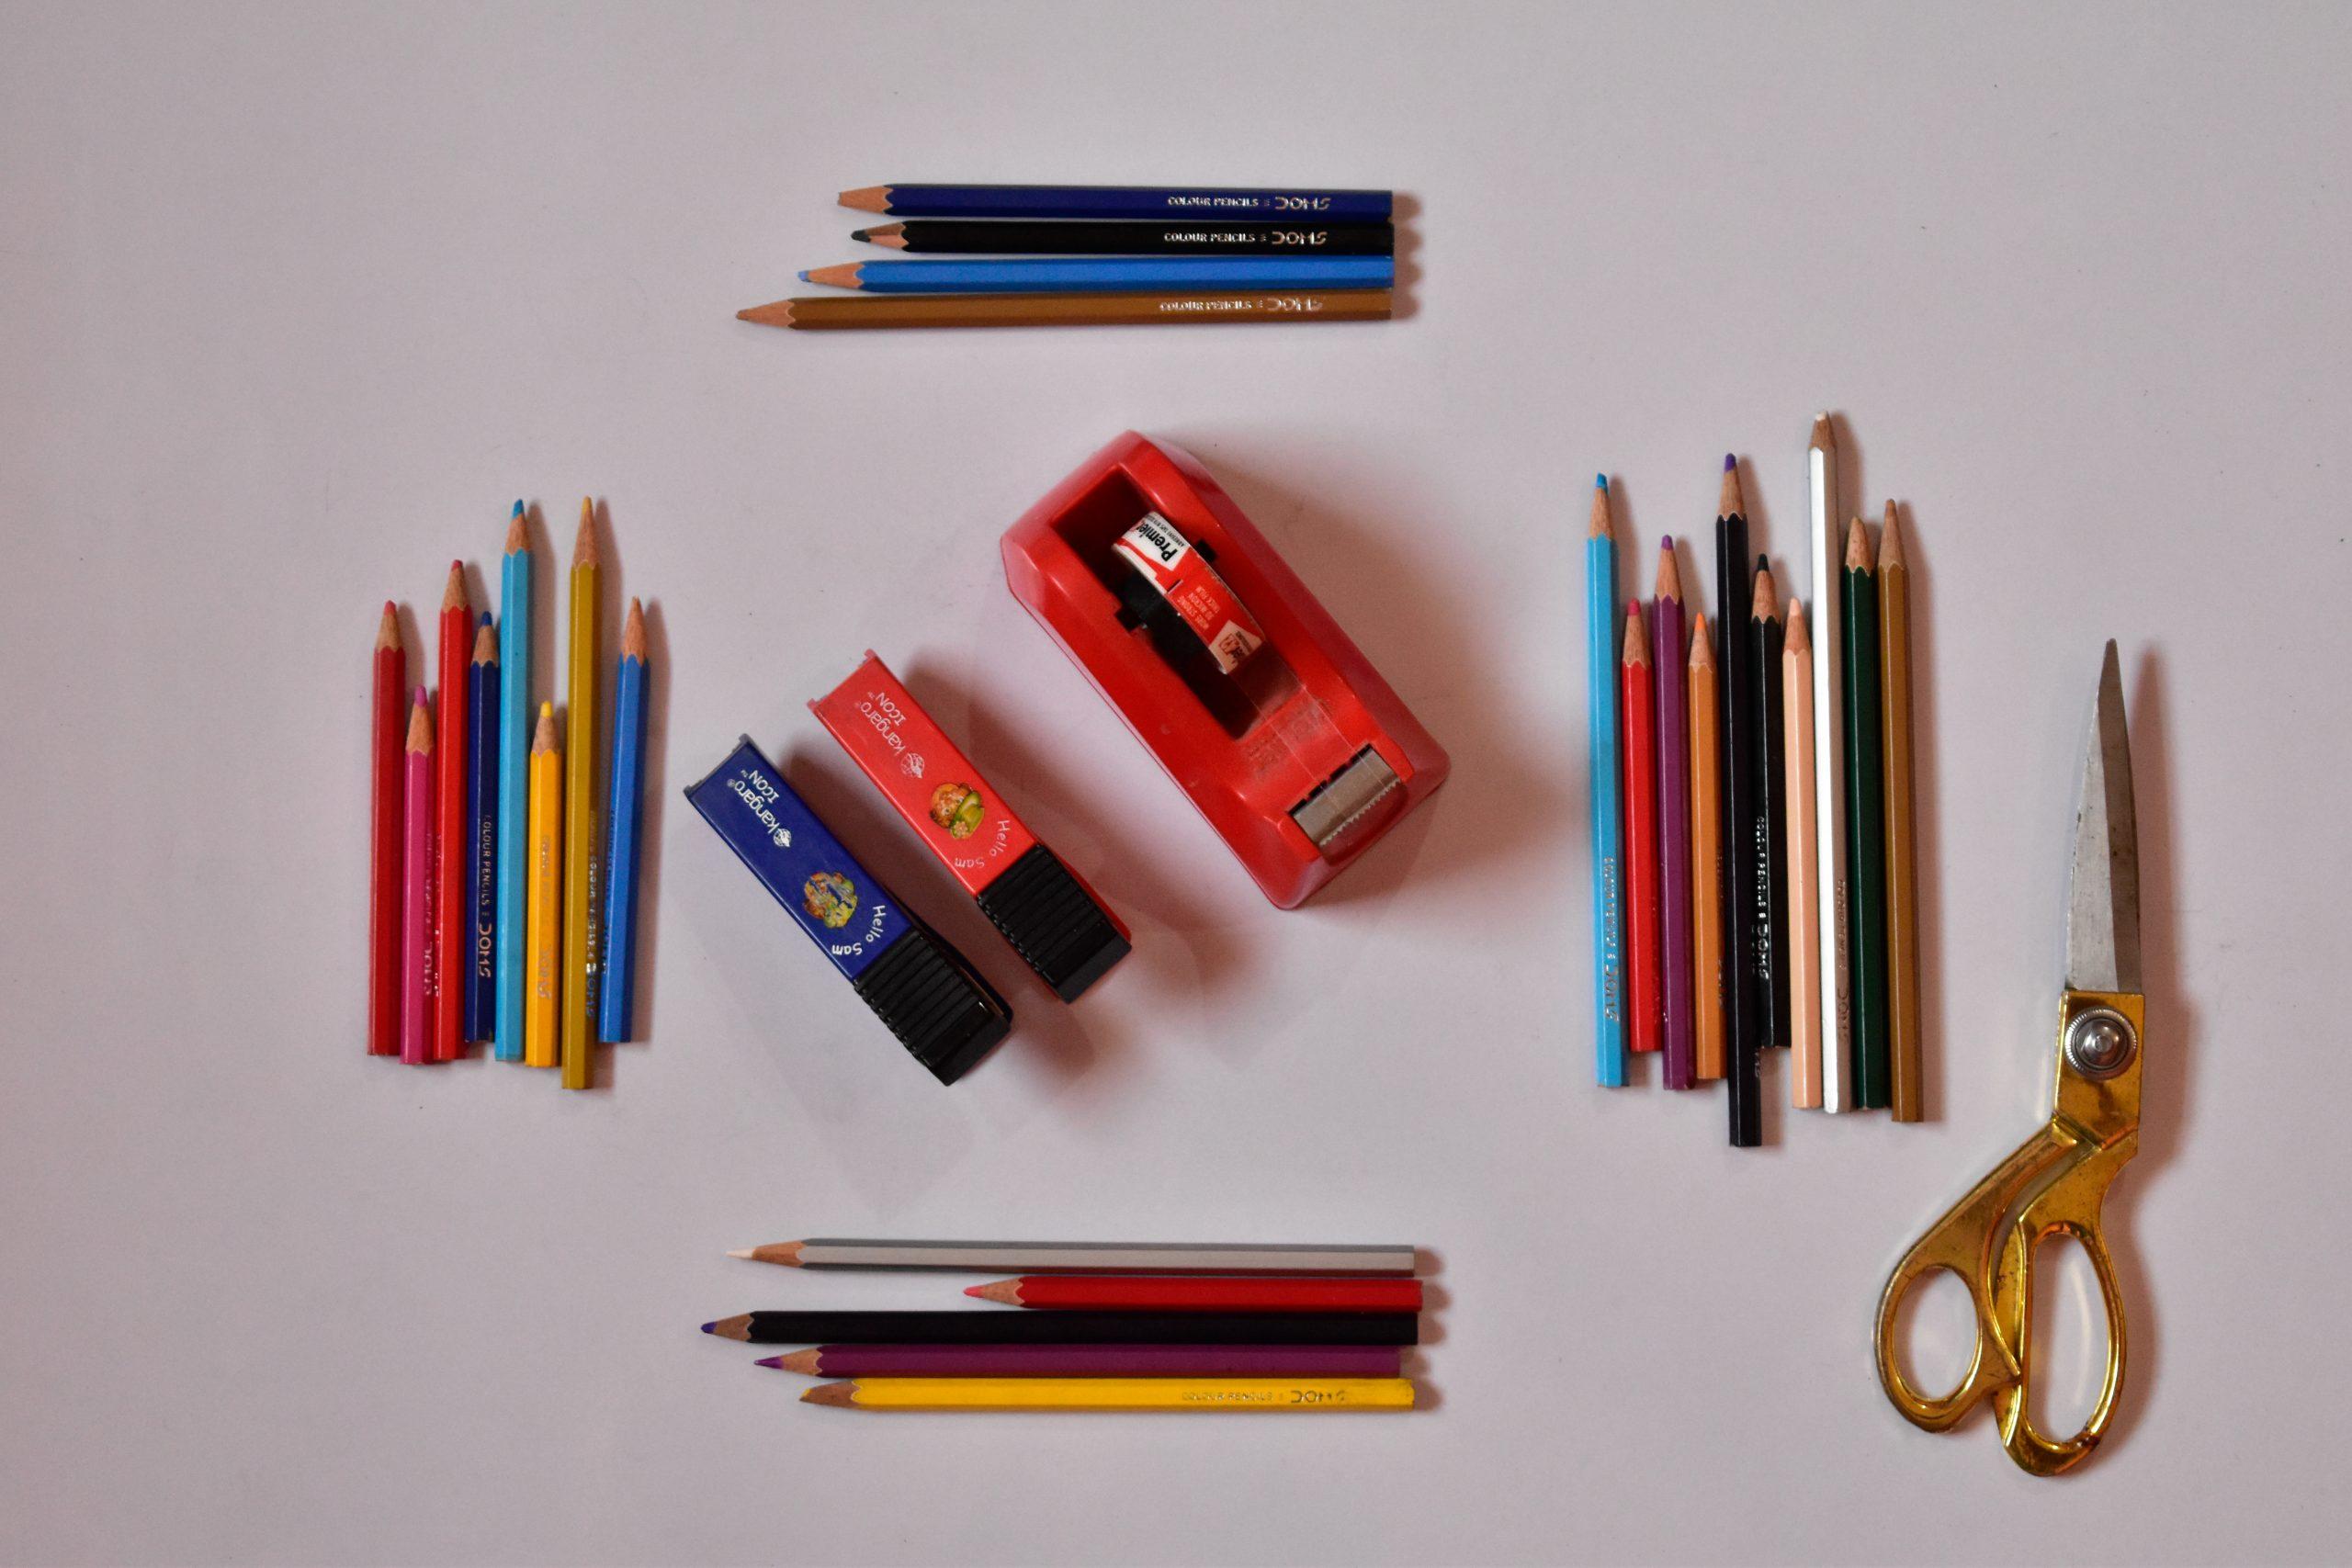 color pencils, scissors, cello tape